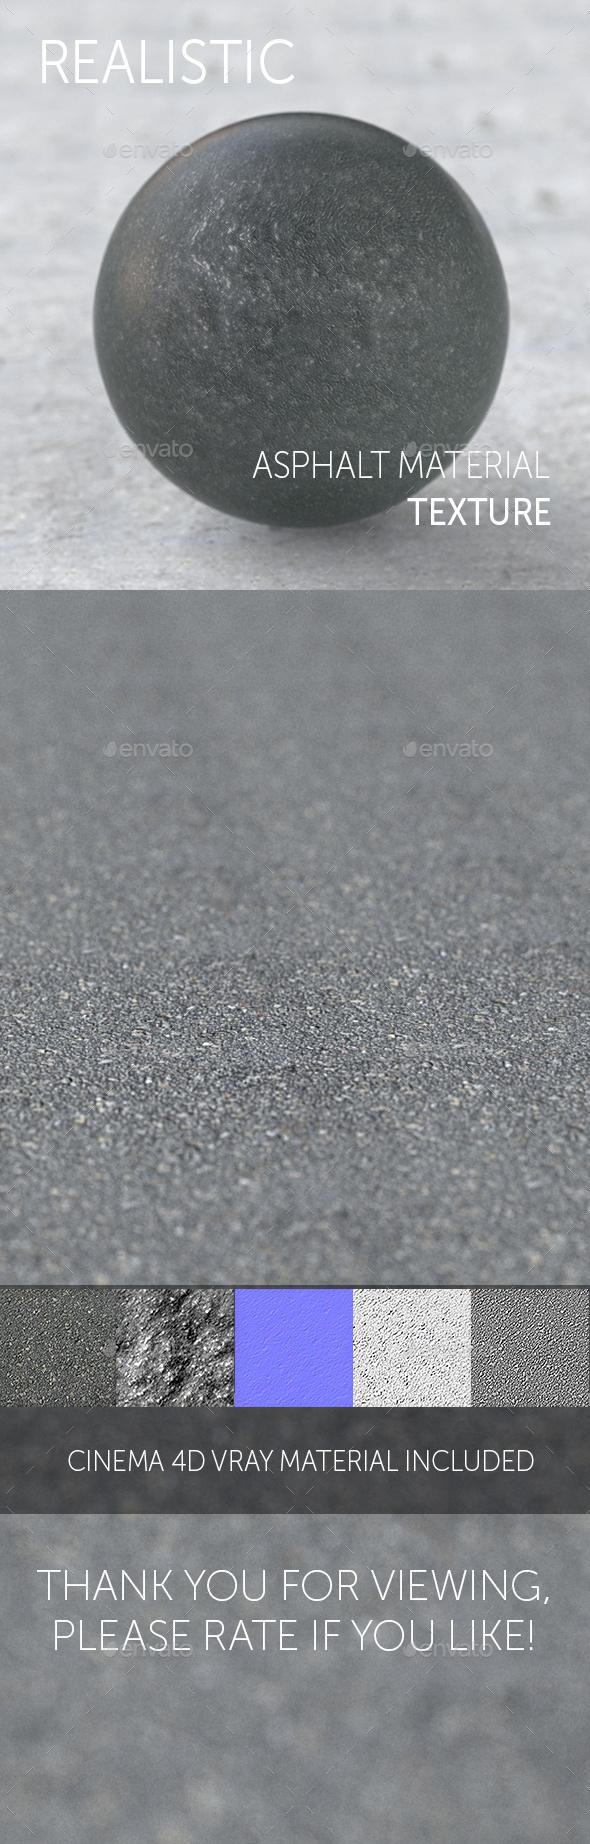 Asphalt realistic texture - 3DOcean Item for Sale